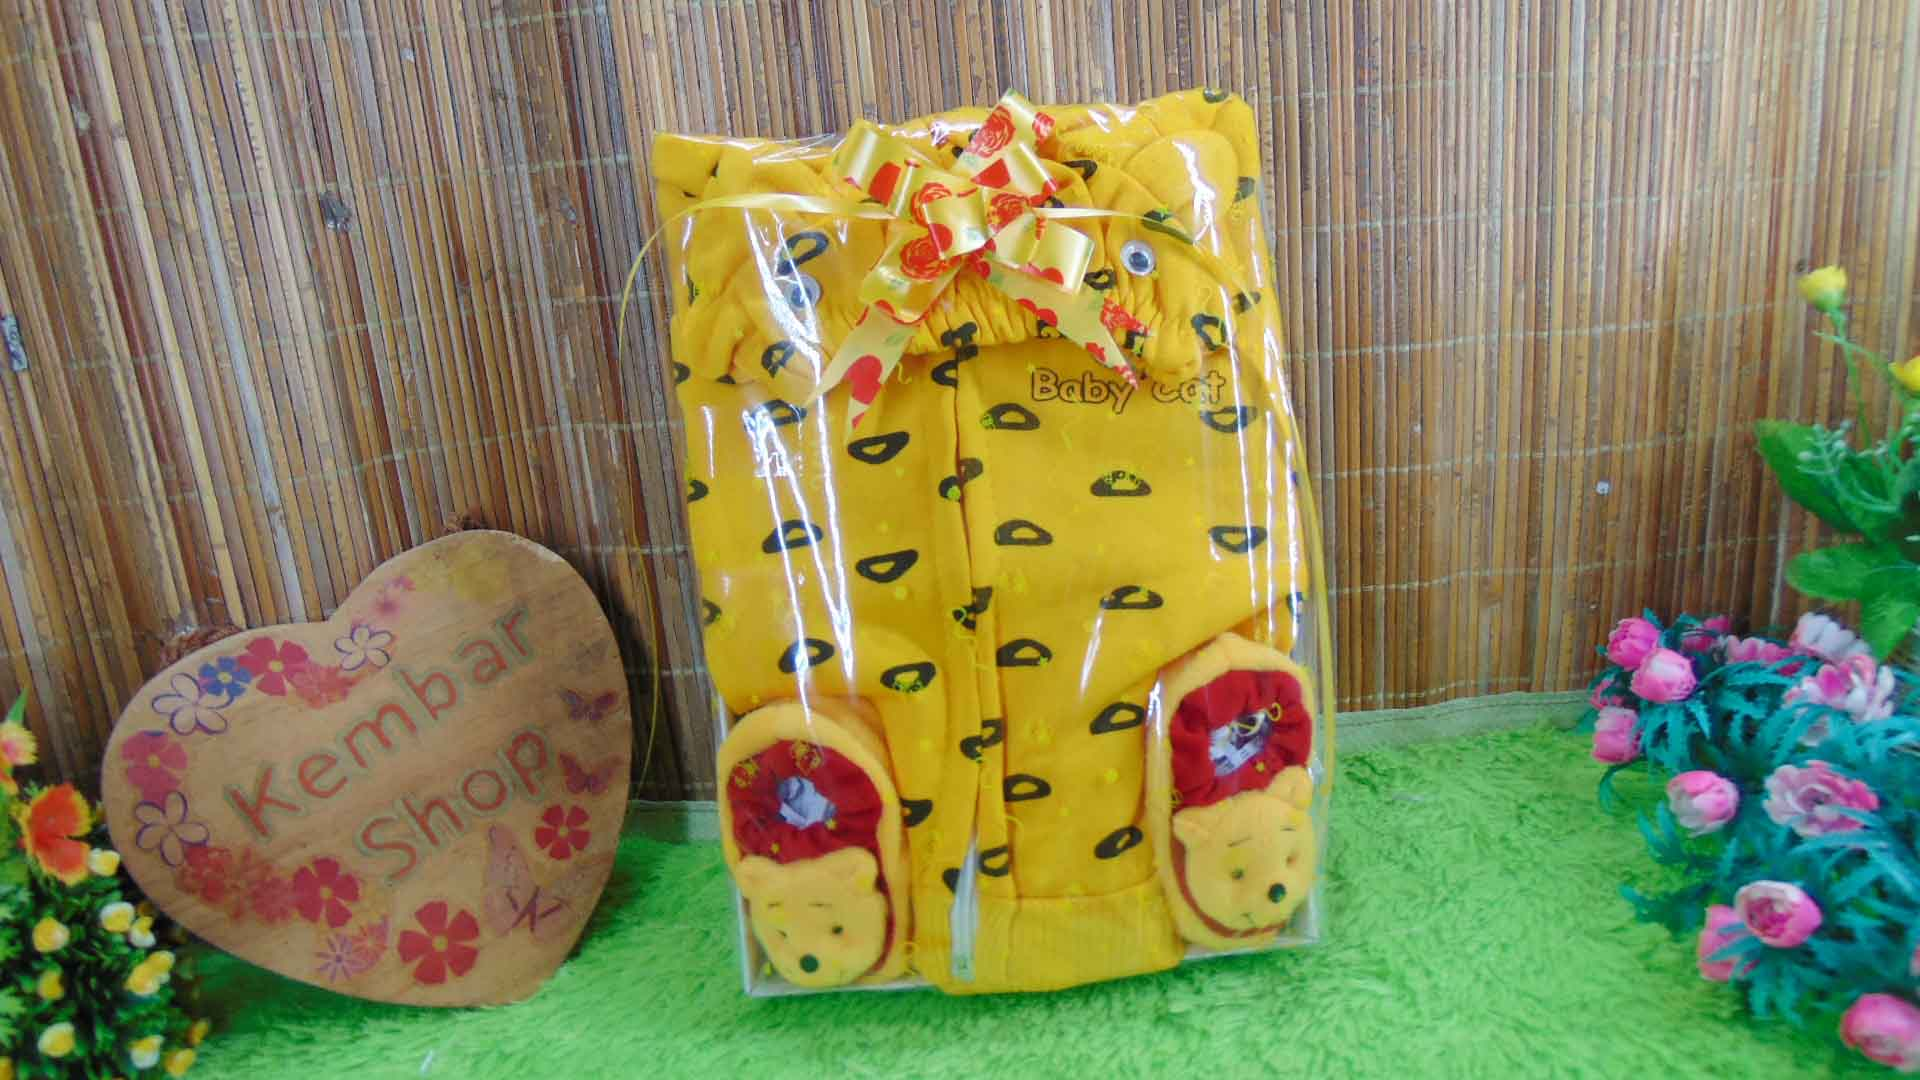 FREE KARTU UCAPAN paket kado lahiran bayi baby gift set box jaket BABY CAT plus sepatu boneka (4)